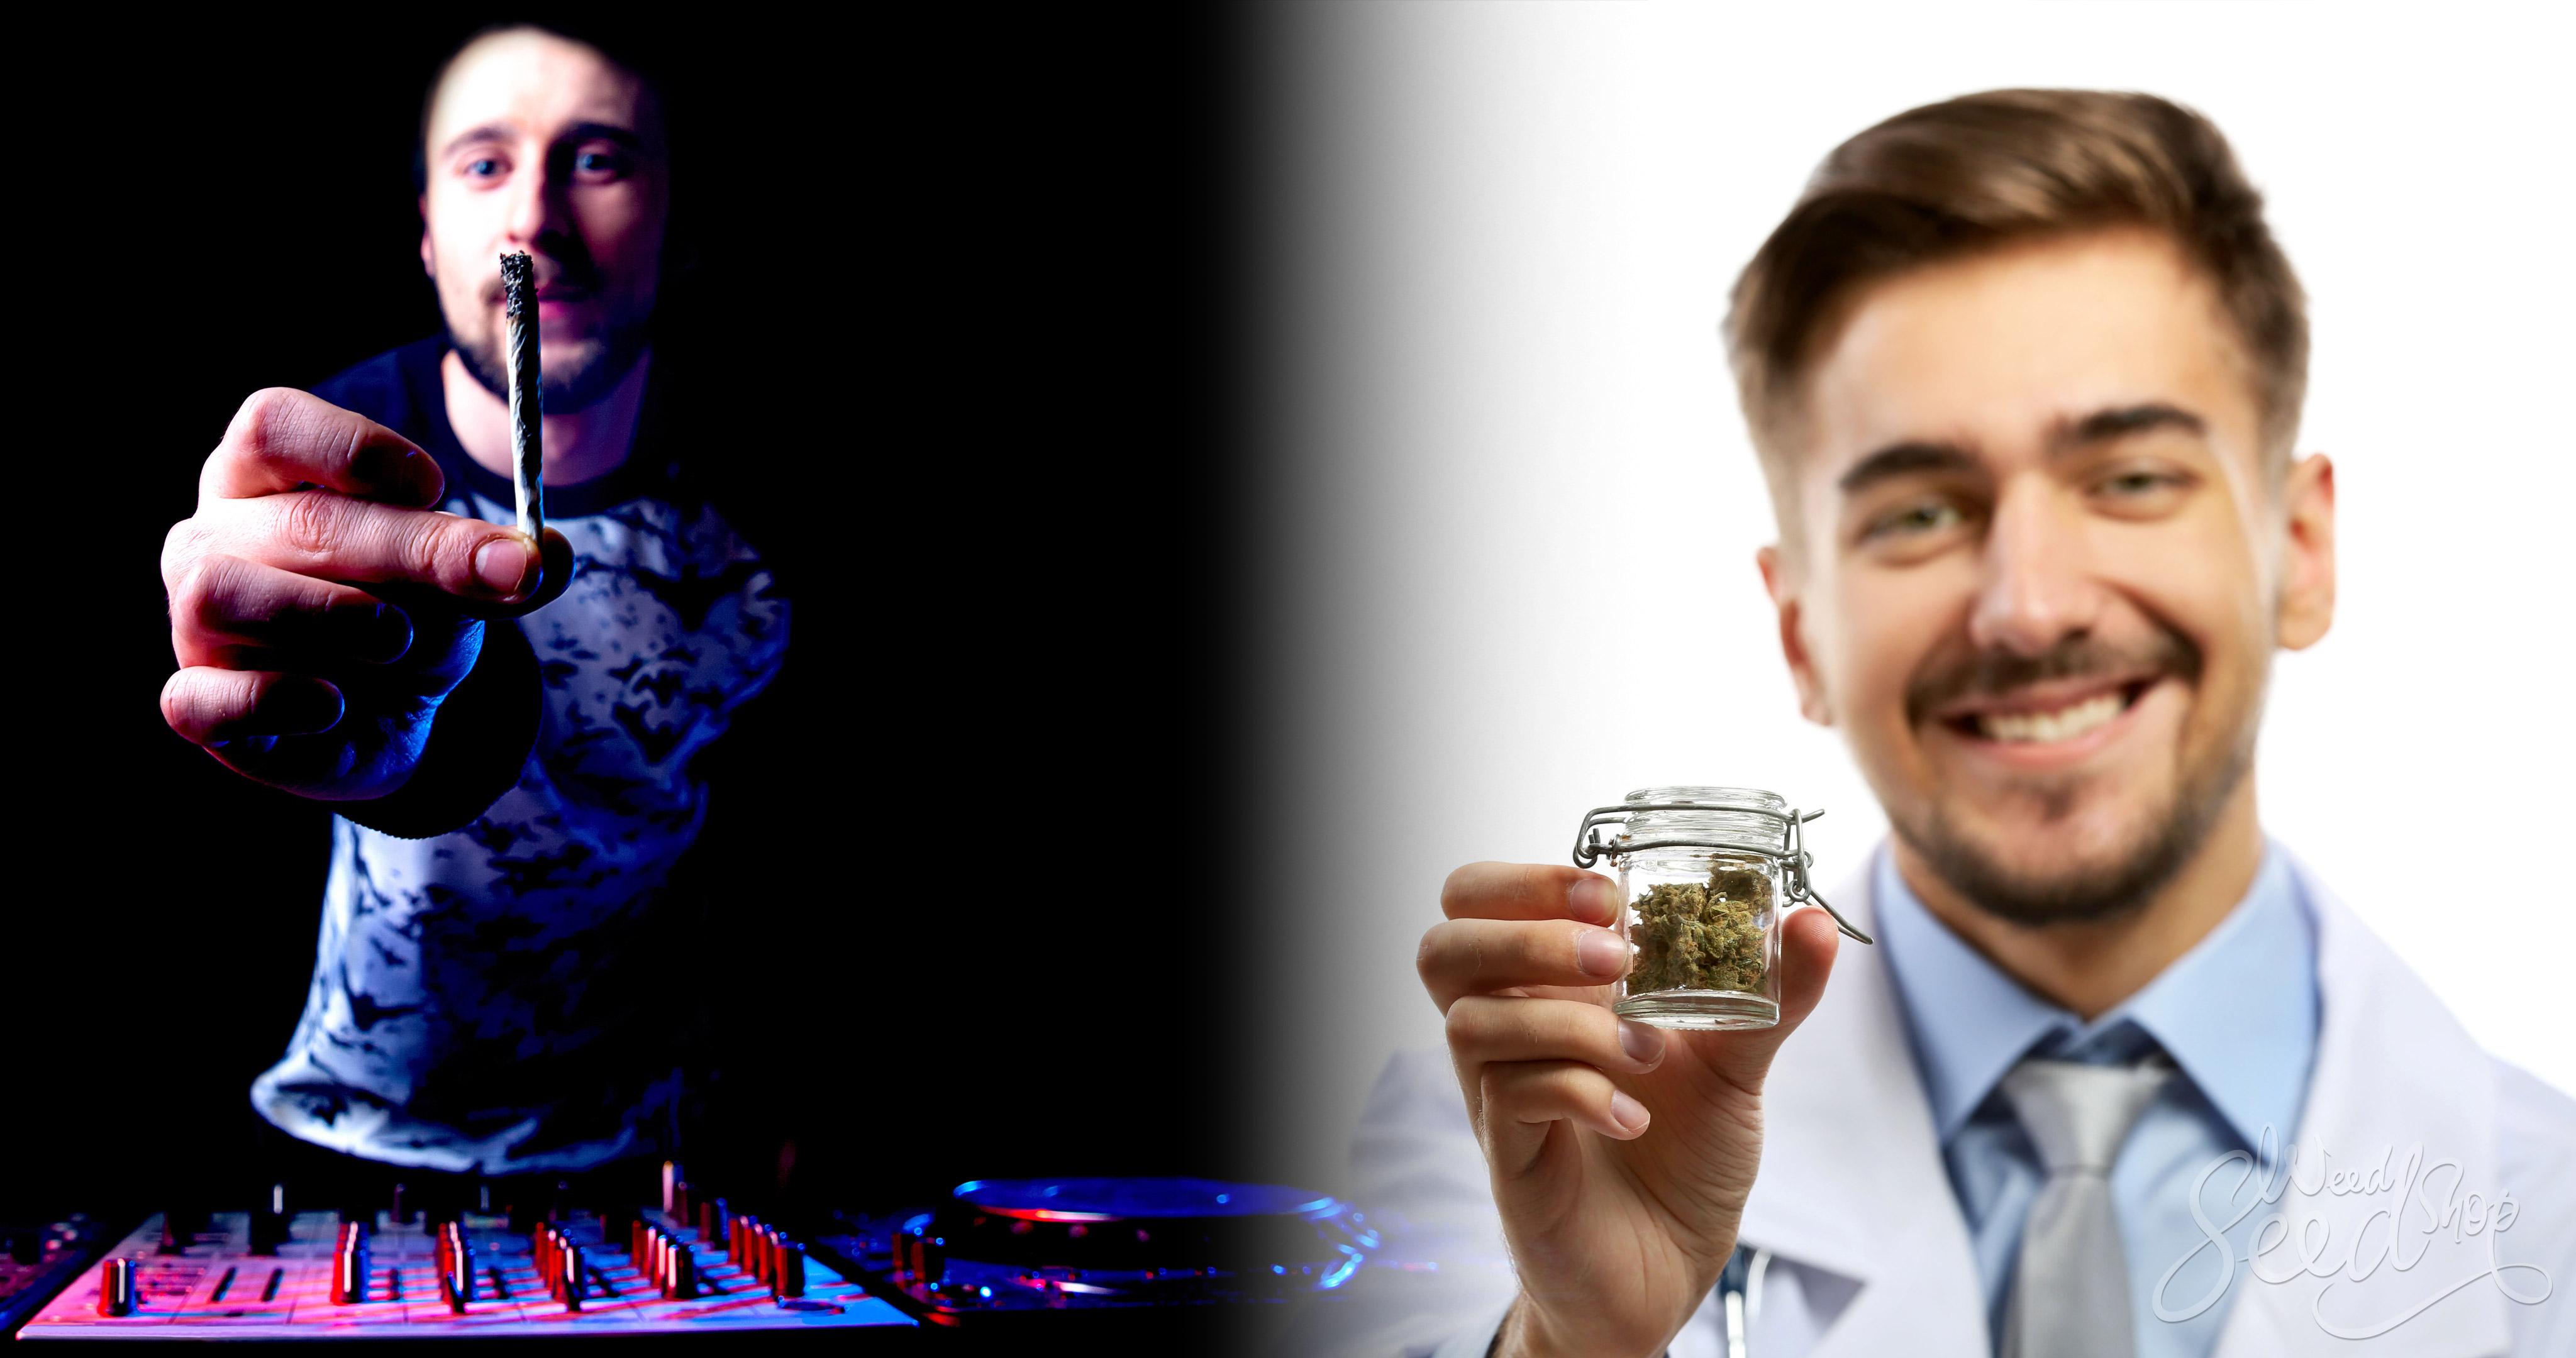 Marihuana recreativa vs medicinal – ¿Cuál es la diferencia? WeedSeedShop Blog